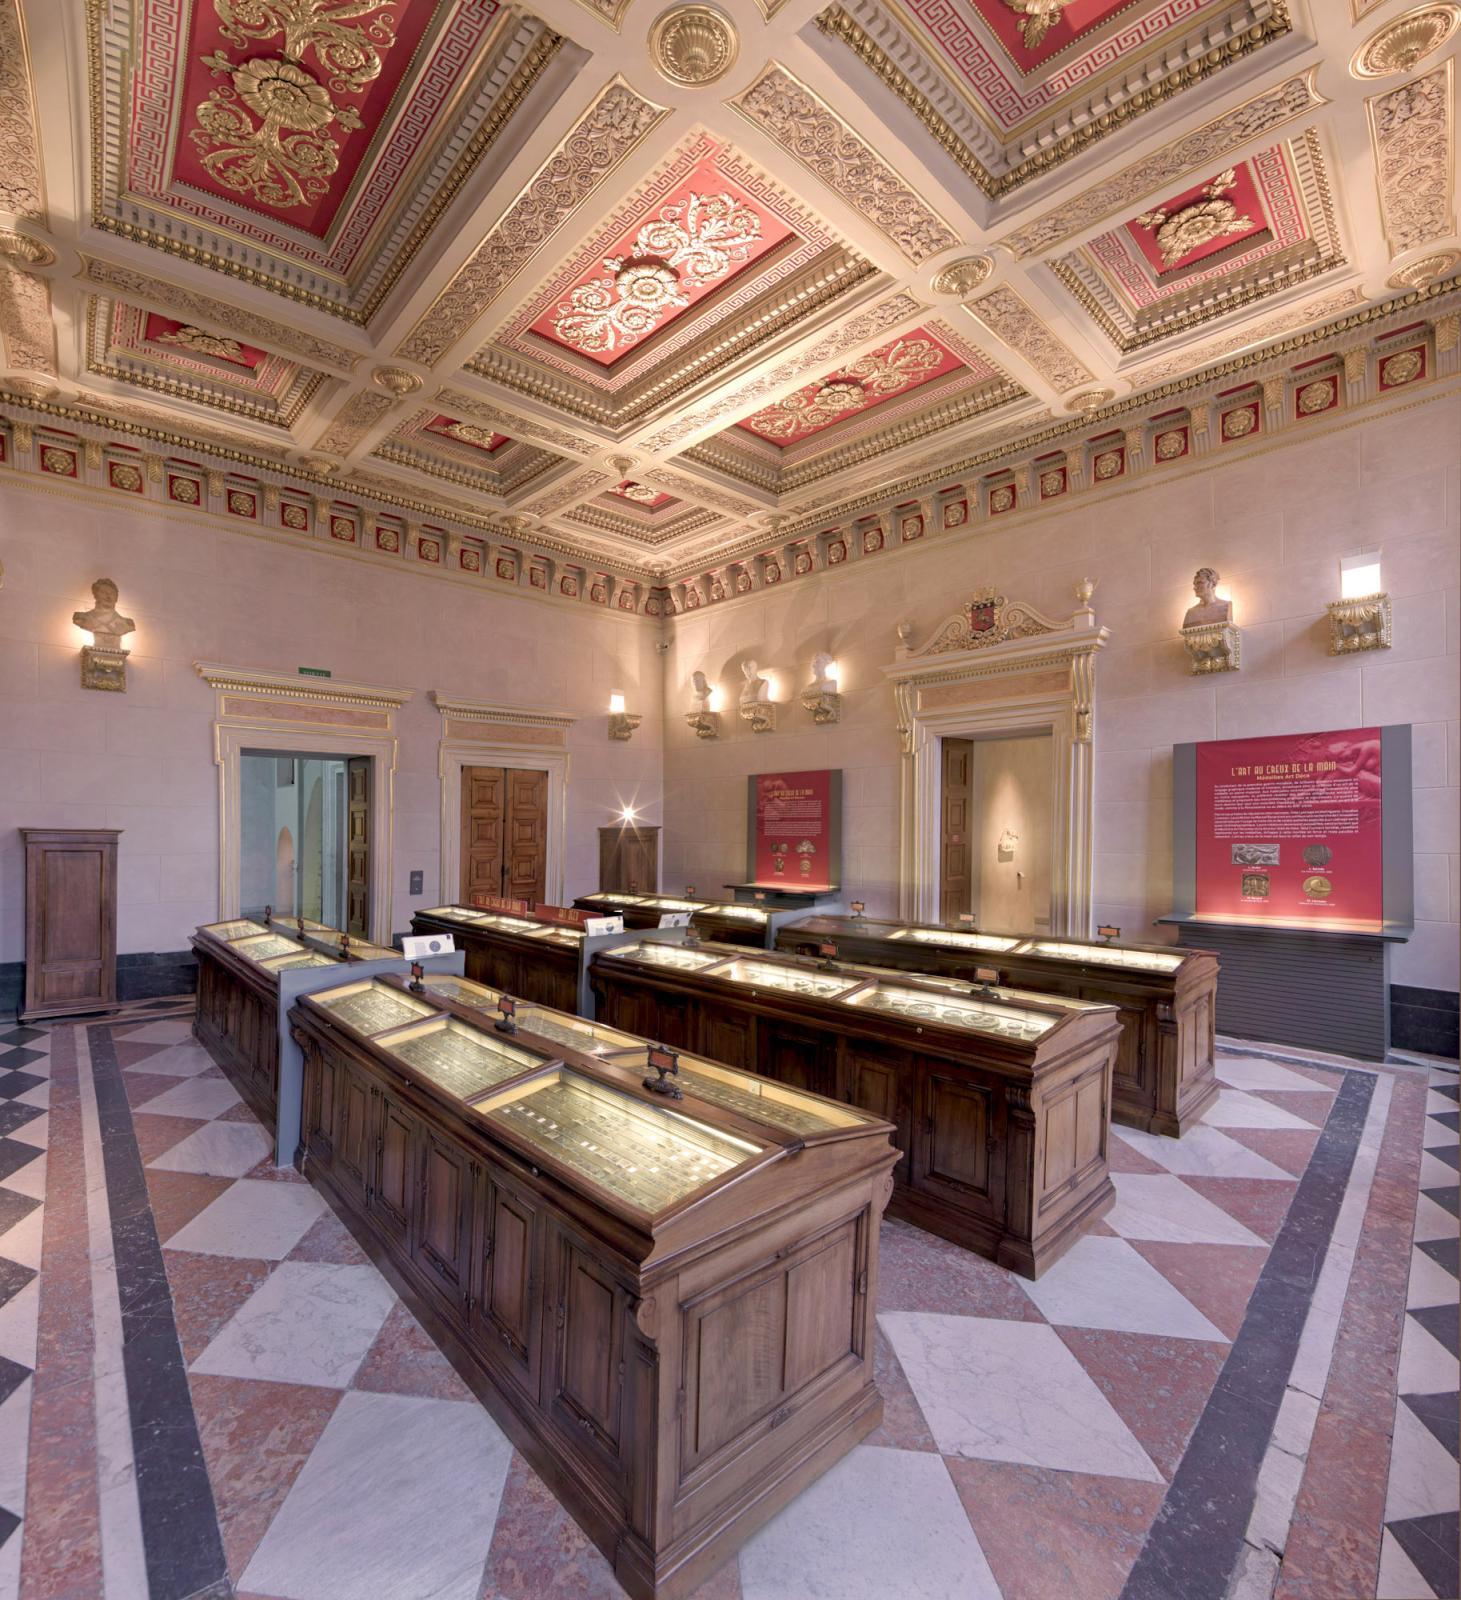 Le médaillier du musée des beaux-arts de Lyon.